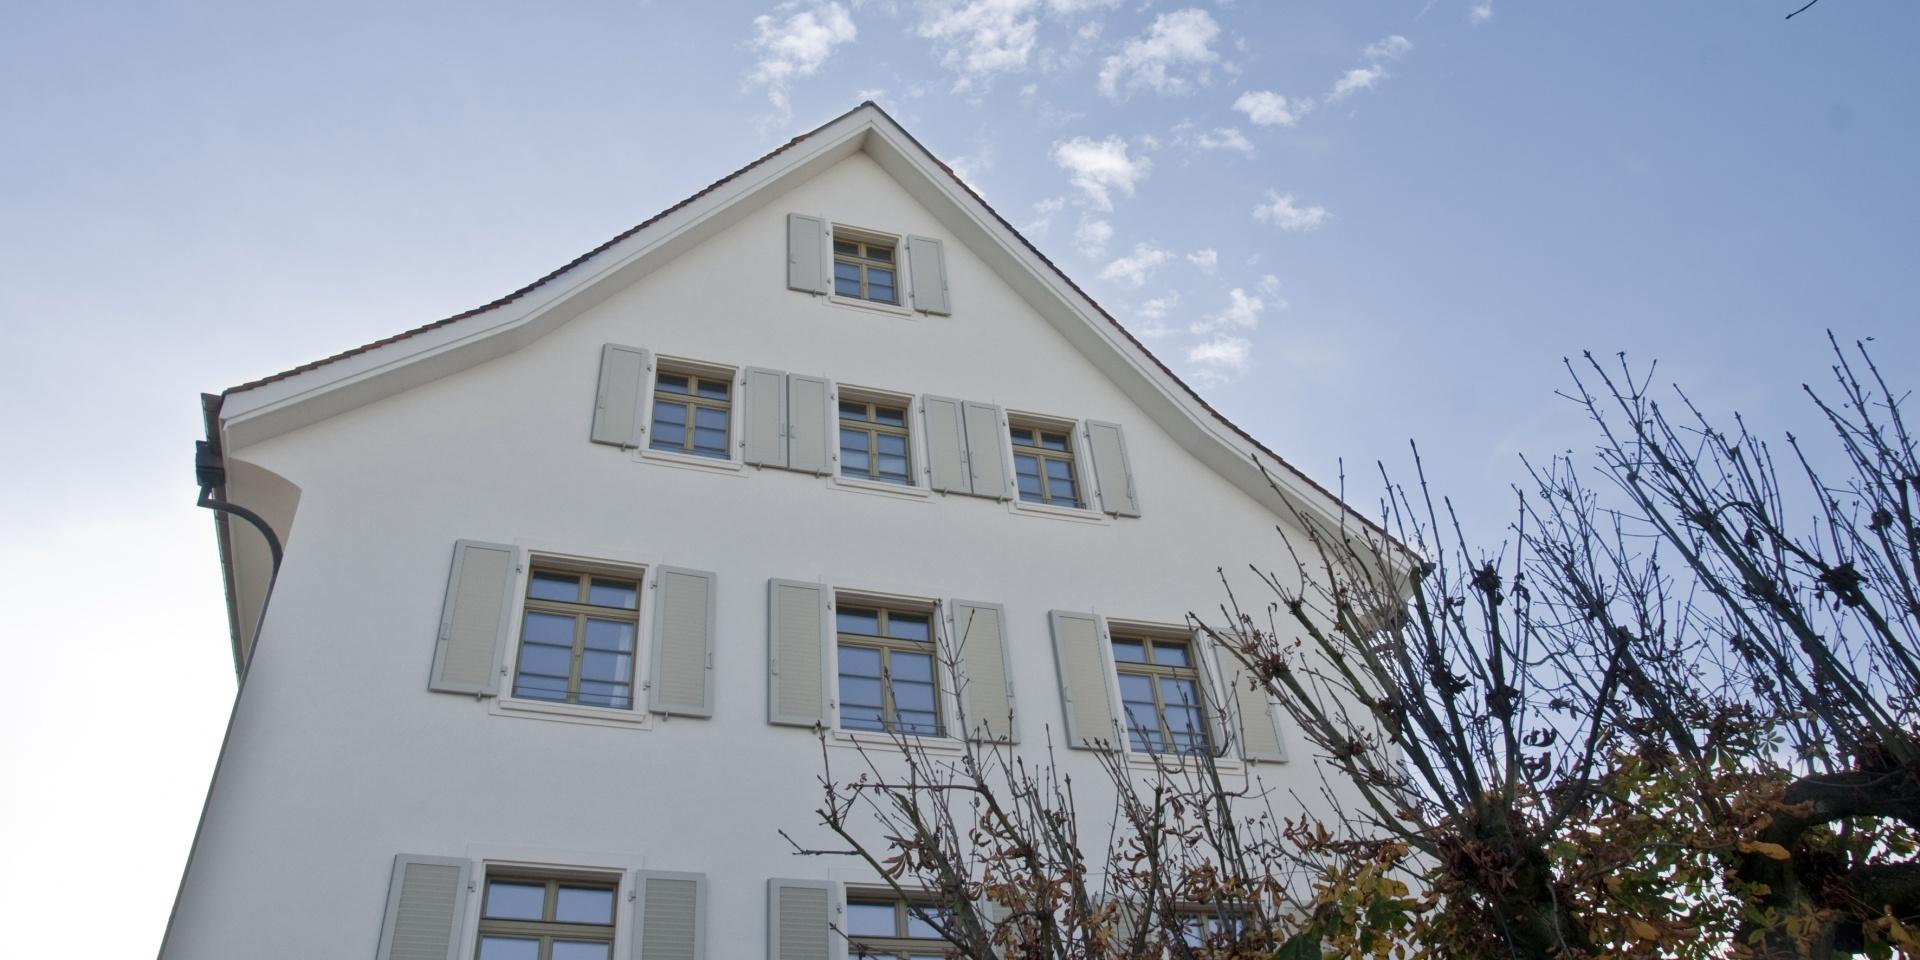 Gartenstadt_Giebelfassade © Architektur Rolf Stalder AG